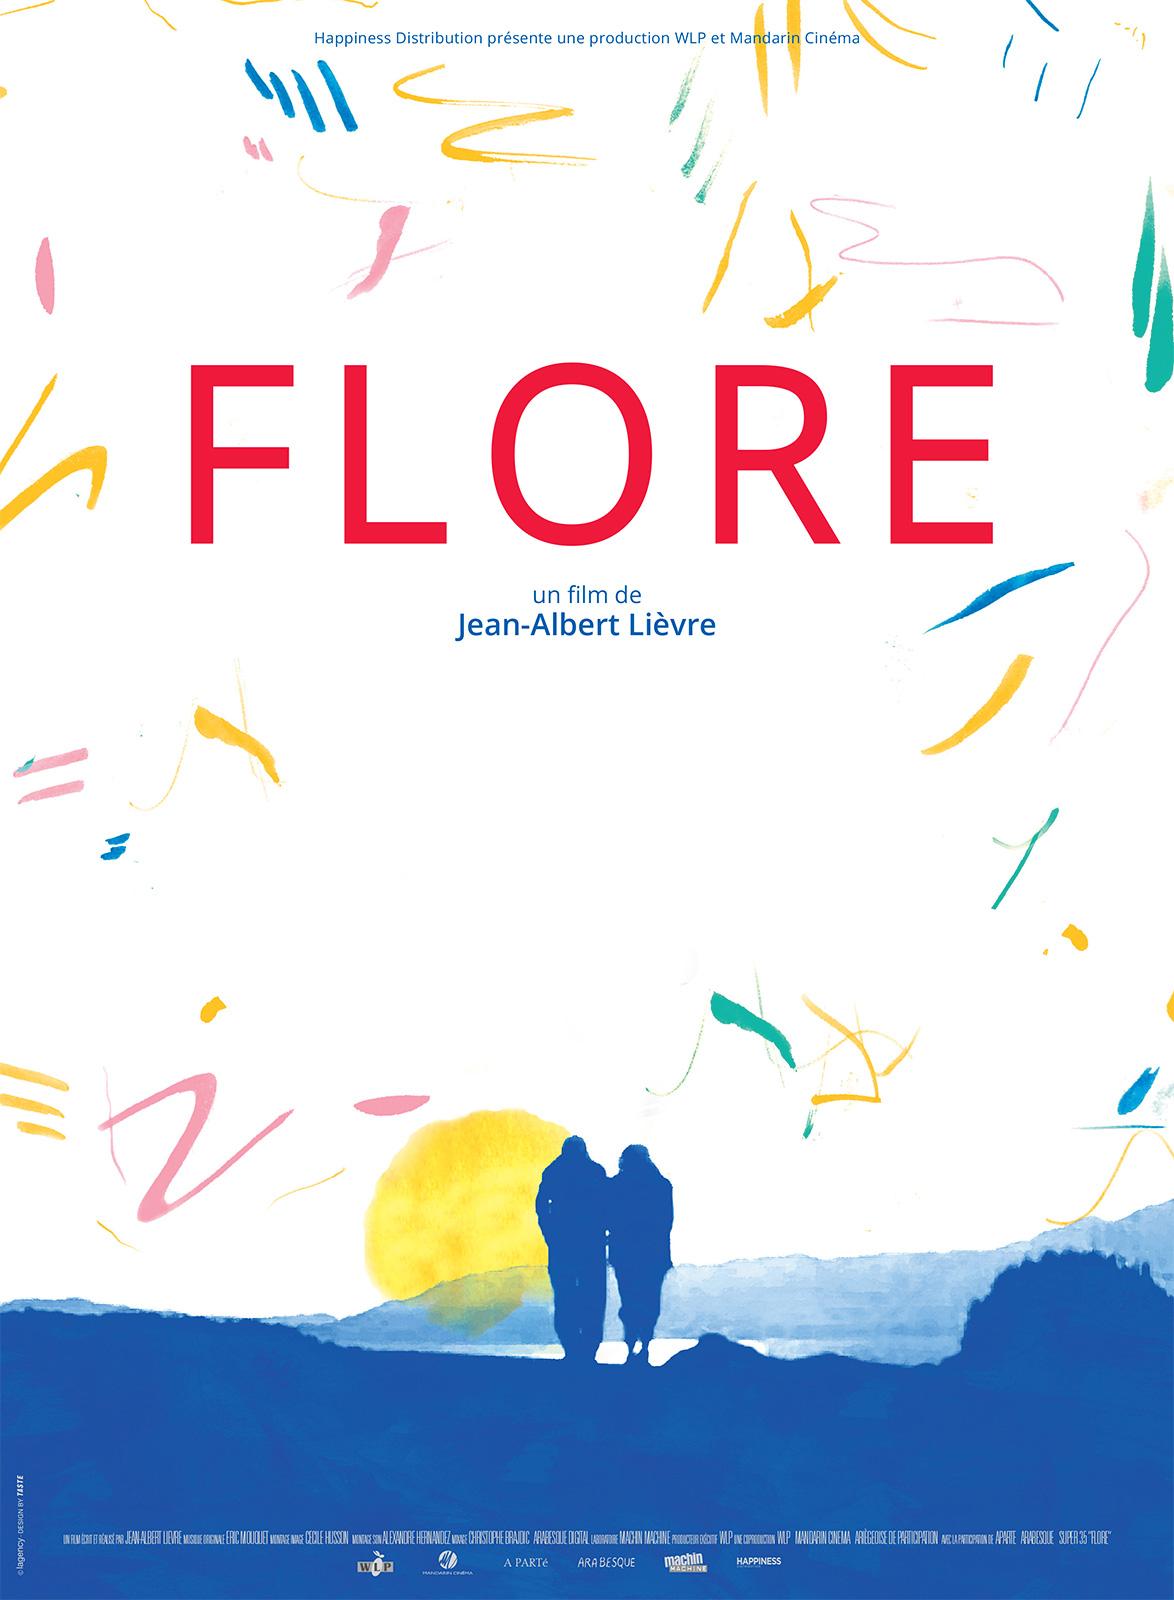 Flore, un film de Jean-Albert Lièvre